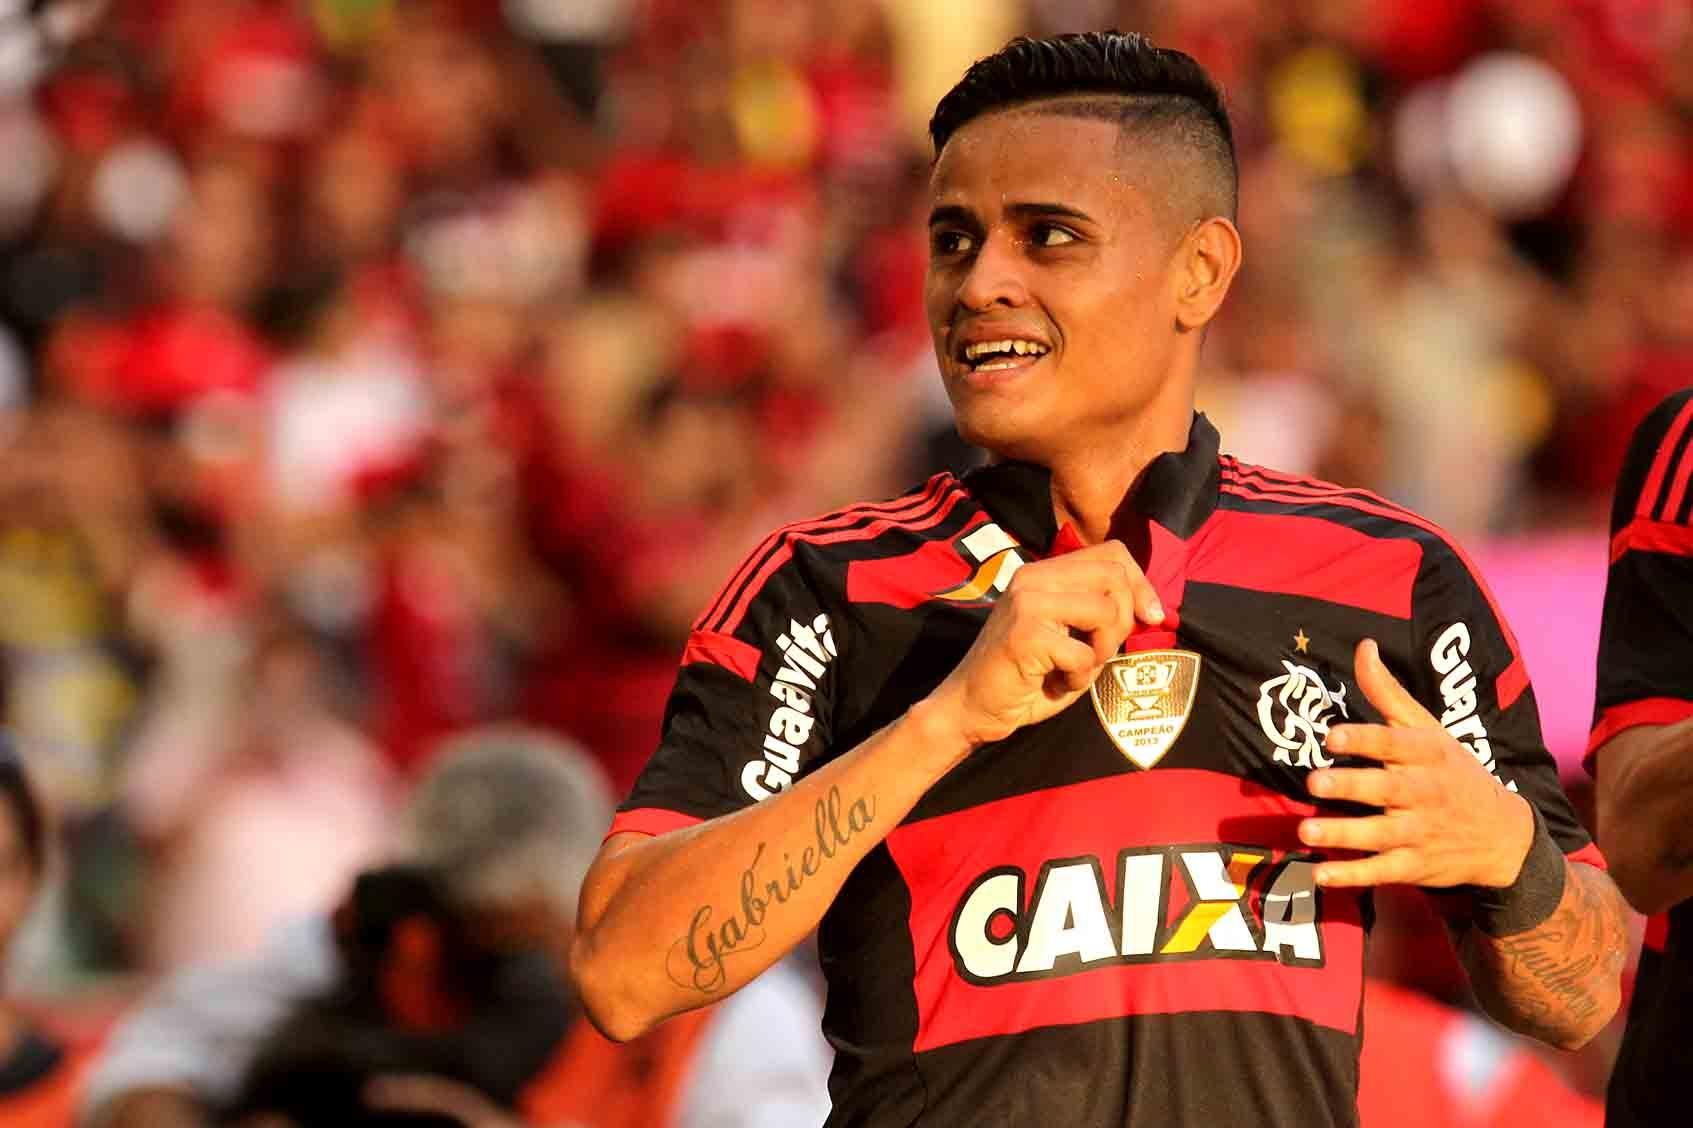 Ponturi Fotbal – Ponte Preta vs Flamengo – Brazilia